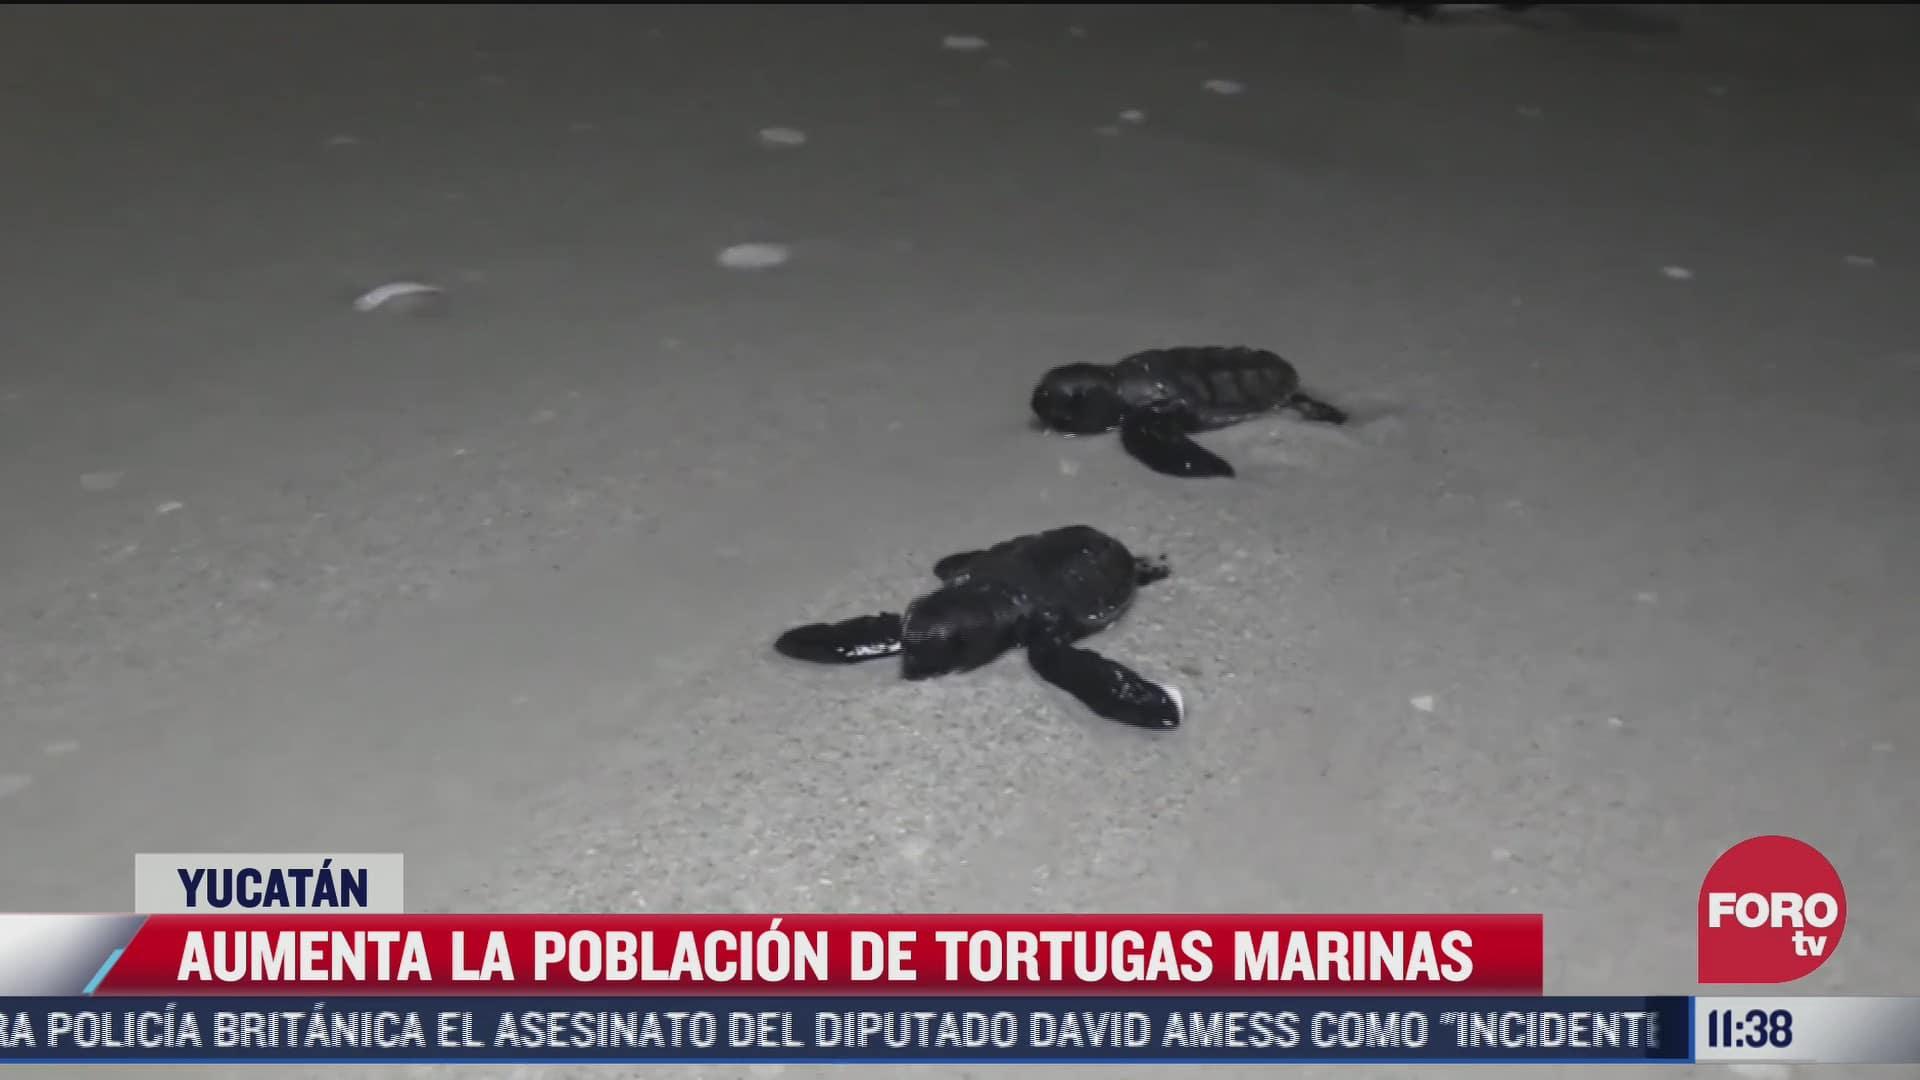 aumenta la poblacion de tortugas marinas en yucatan